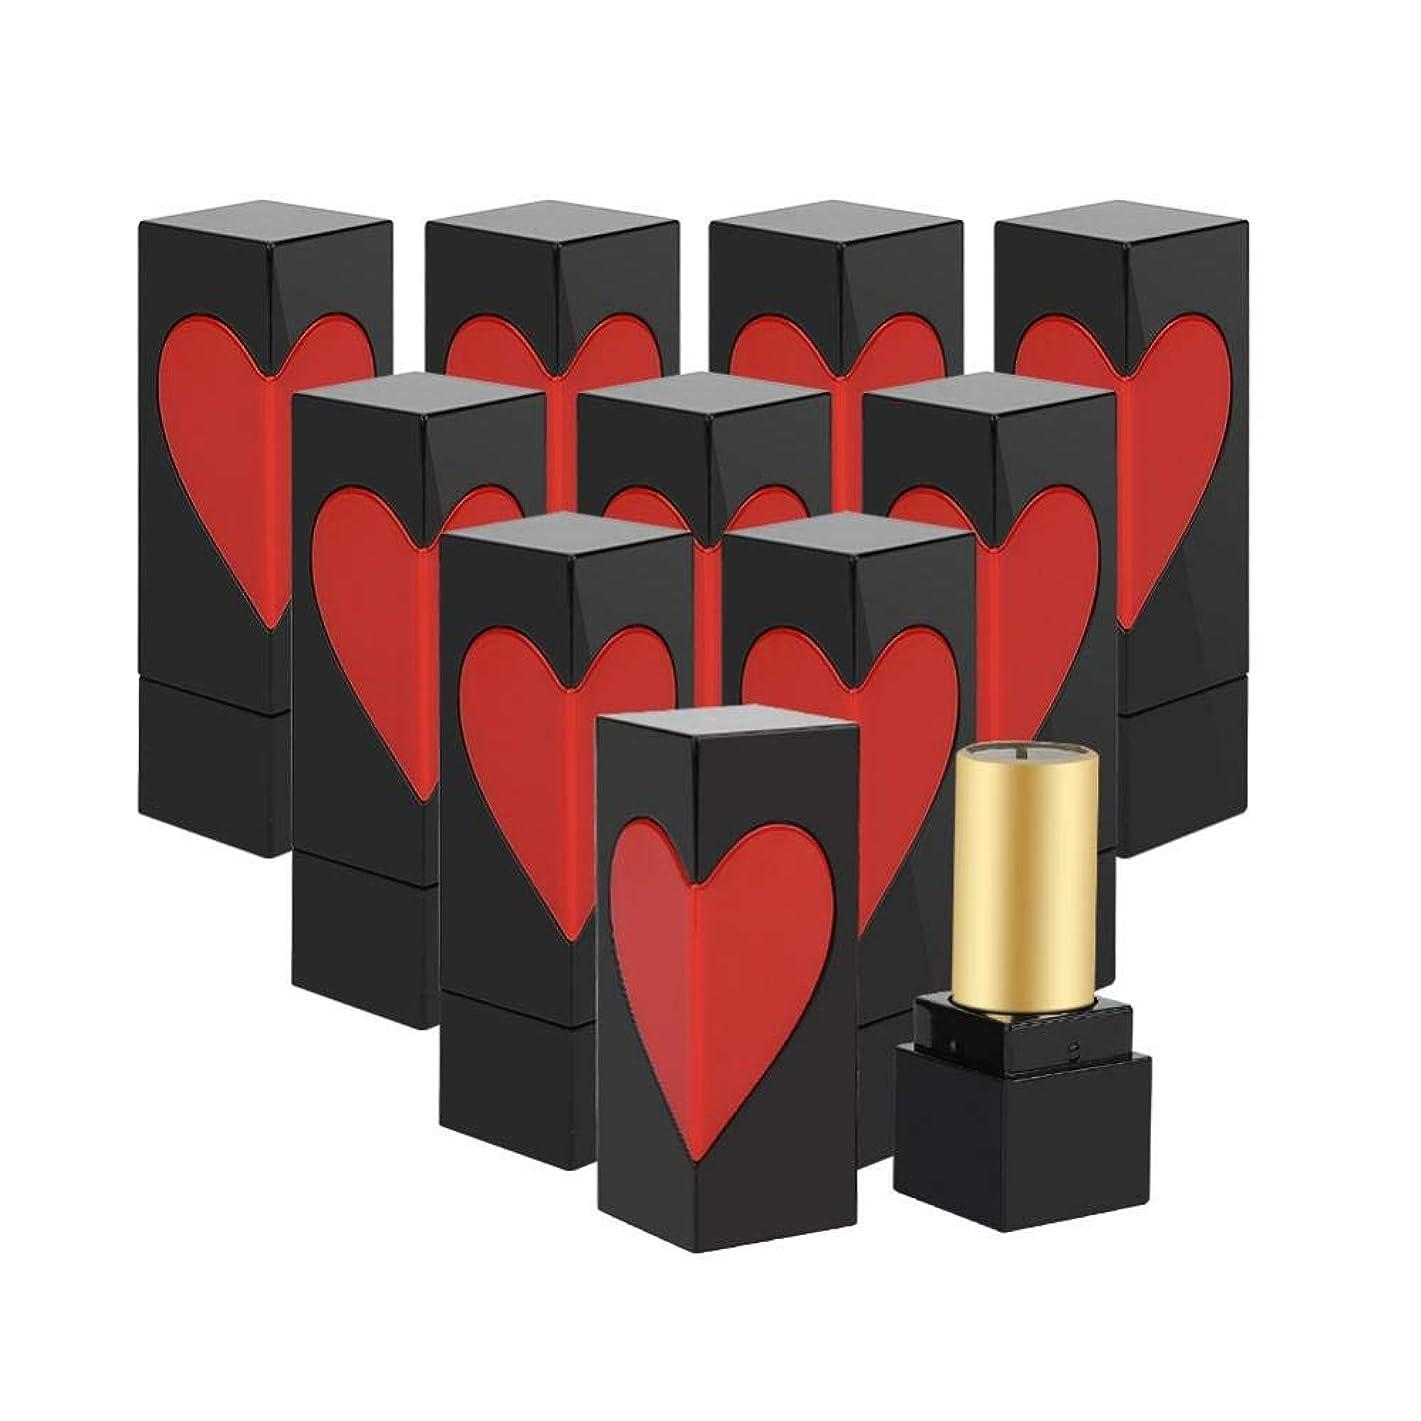 こどもの宮殿フェデレーション黙空口紅チューブ、かわいい 手作りリップスティックコンテナ 美しい外観 プラスチック製 口紅チューブ用 DIY用 2スタイル選べる(10枚)